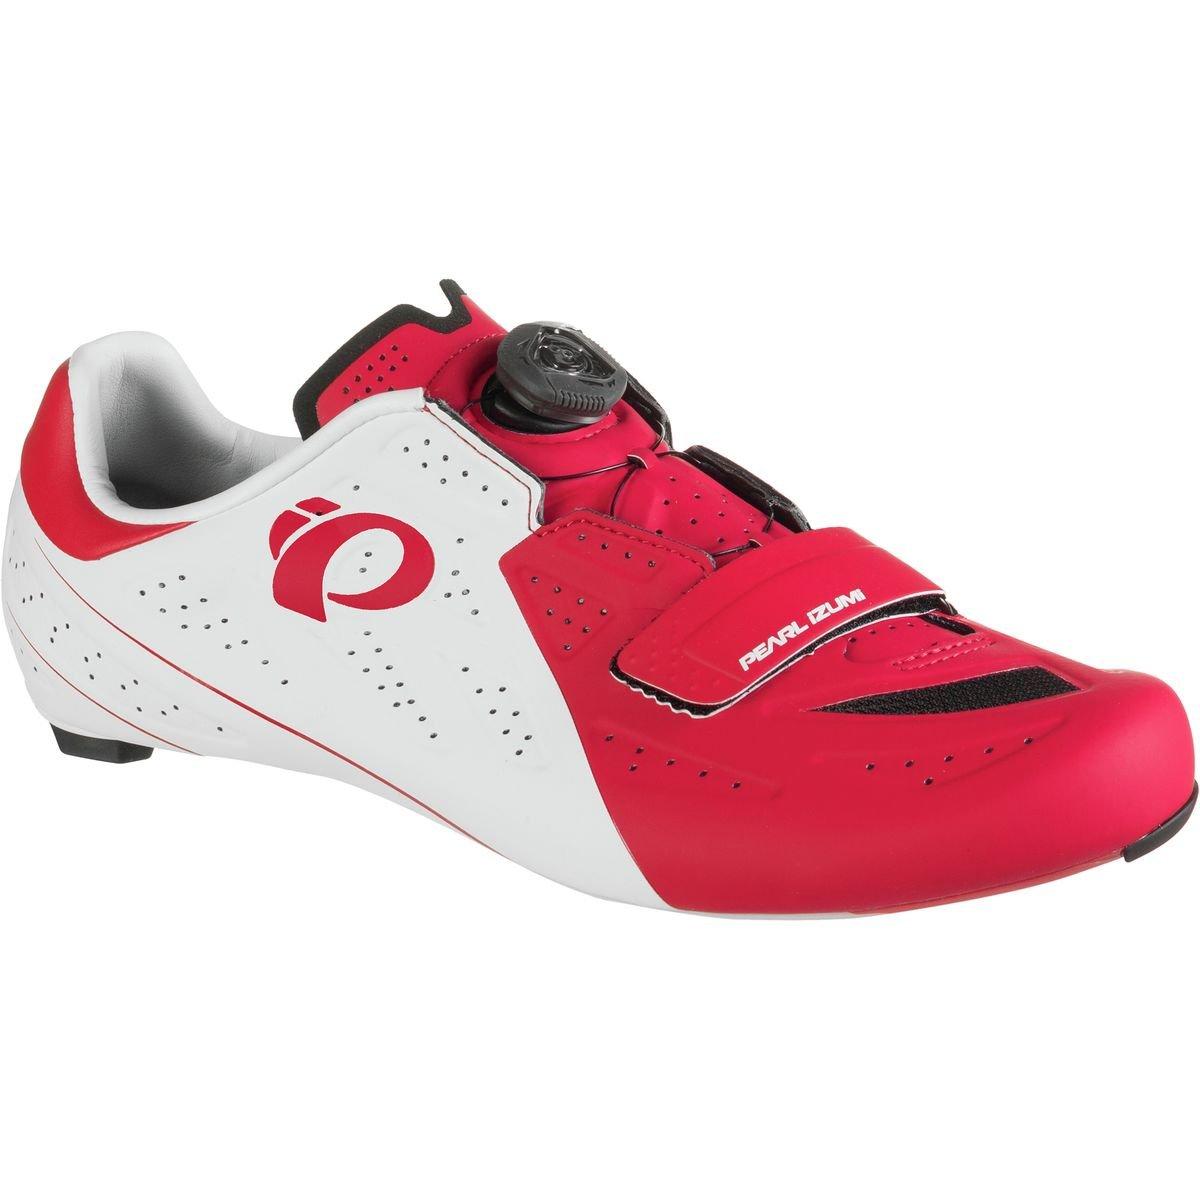 【2019春夏新色】 (パールイズミ) Pearl Izumi (46) White/True Shoe ELITE Road V5 Cycling Shoe メンズ ロードバイクシューズWhite/True Red [並行輸入品] 日本サイズ 29.5cm (46) White/True Red B07G764VVV, 亀のすけ:cb4b2b8a --- by.specpricep.ru